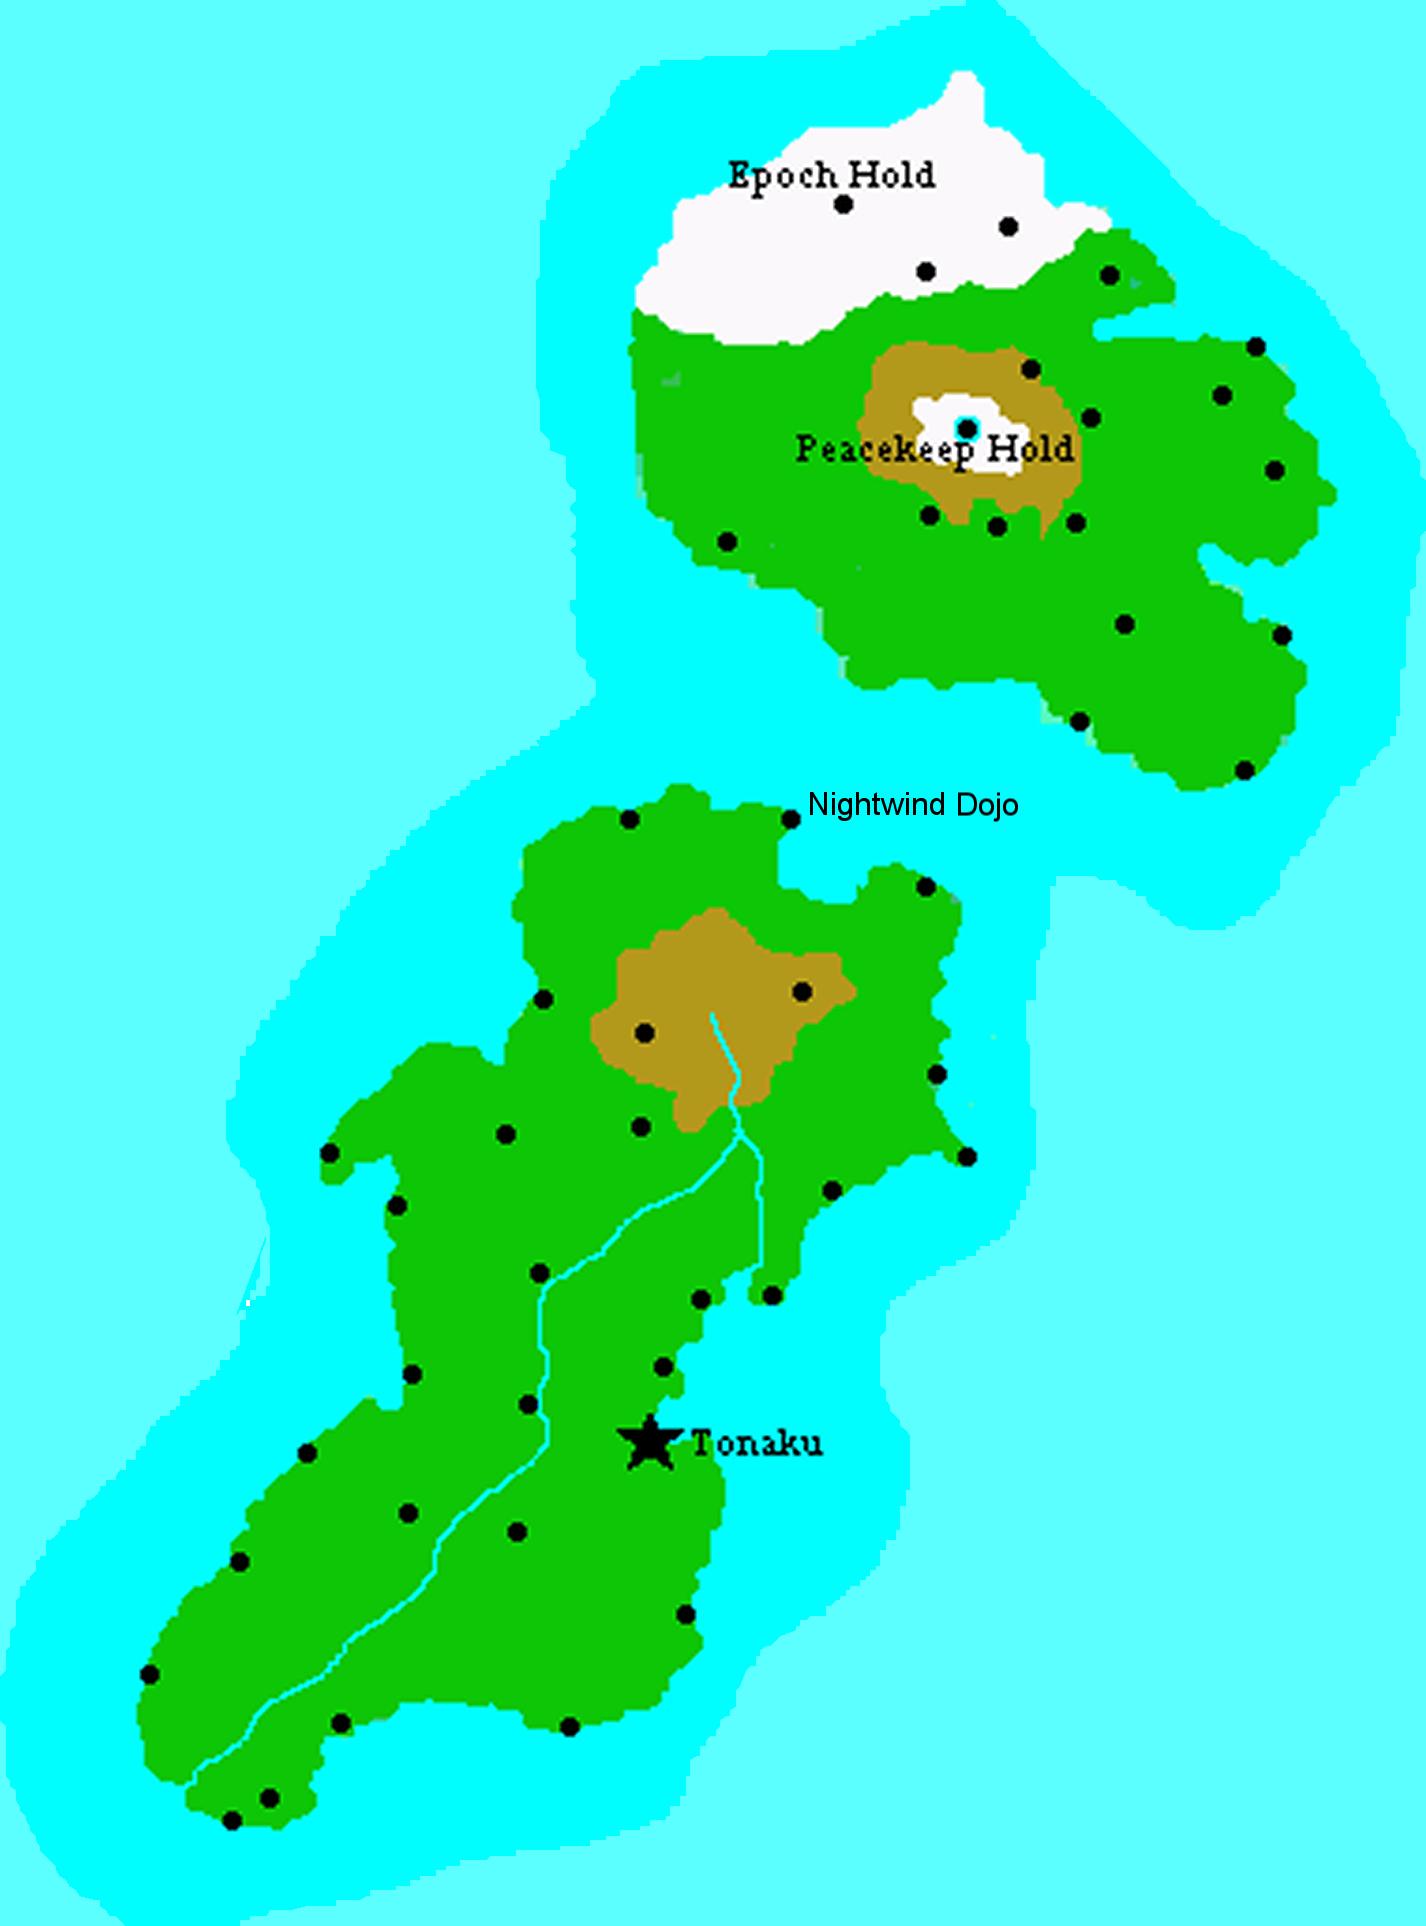 kakushima